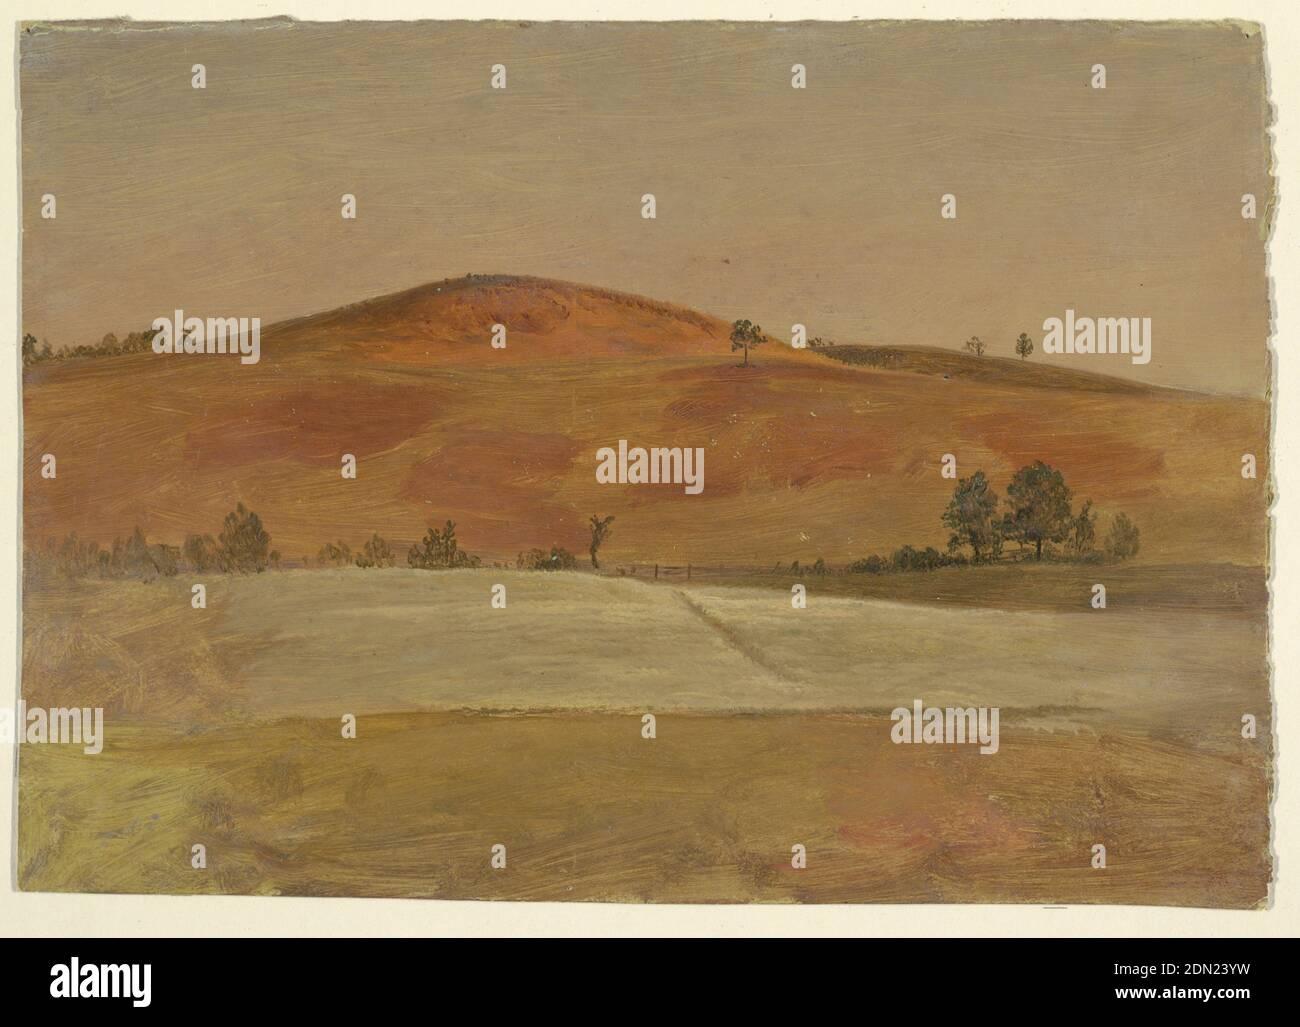 Paysage avec Low Hill et Fields, église Frederic Edwin, américaine, 1826–1900, peinture à la brosse et à l'huile sur carton, UNE colline basse, rendue dans des tons russset, est vu dans la distance à travers les champs cultivés qui sont bordés par une clôture. Quelques arbres sont placés à gauche et à droite et de l'autre côté de la crête de la colline à gauche., États-Unis, 1870–80, paysages, dessin Banque D'Images